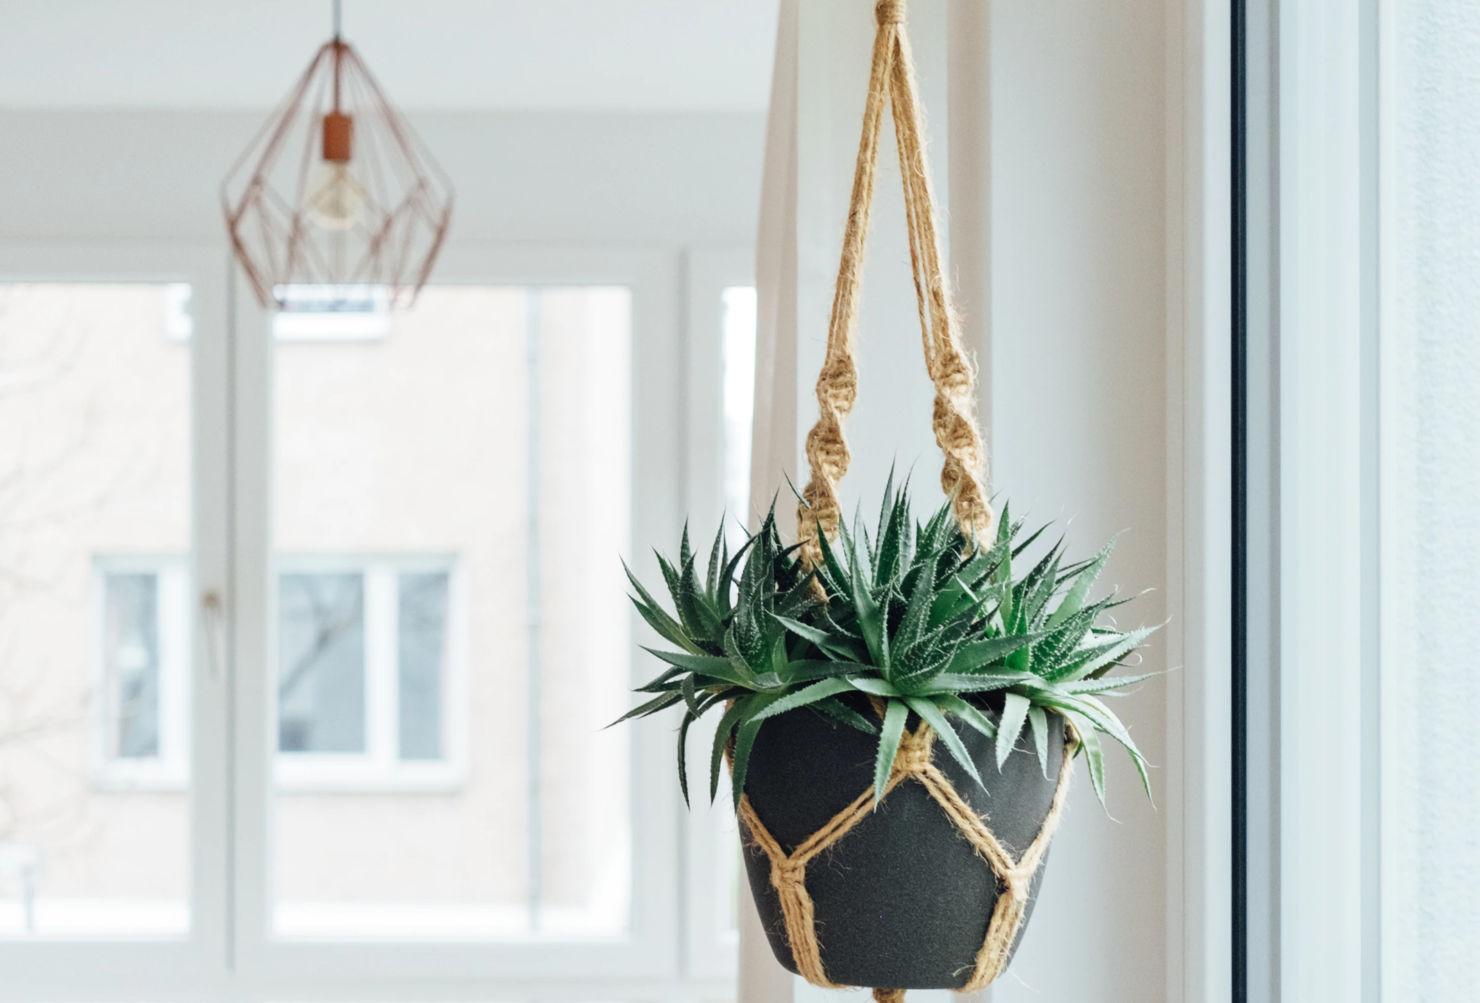 Las plantas colgantes más cool para tu casa, serán originales